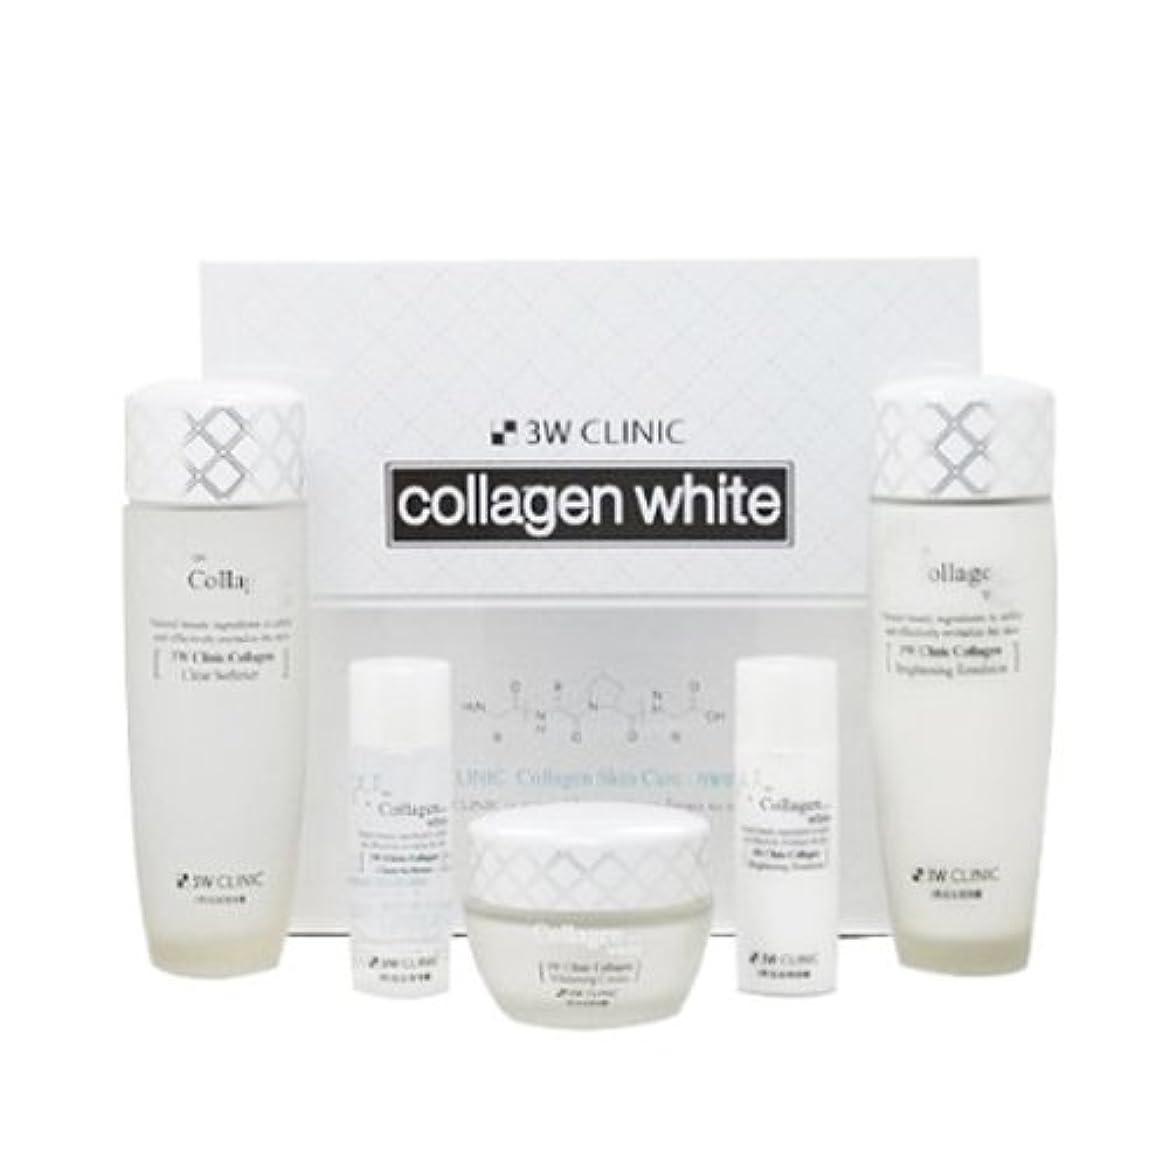 ゆるく公然と香港3Wクリニック[韓国コスメ3w Clinic]Collagen White Skin Care コラーゲンホワイトスキンケア3セット樹液,乳液,クリーム [並行輸入品]